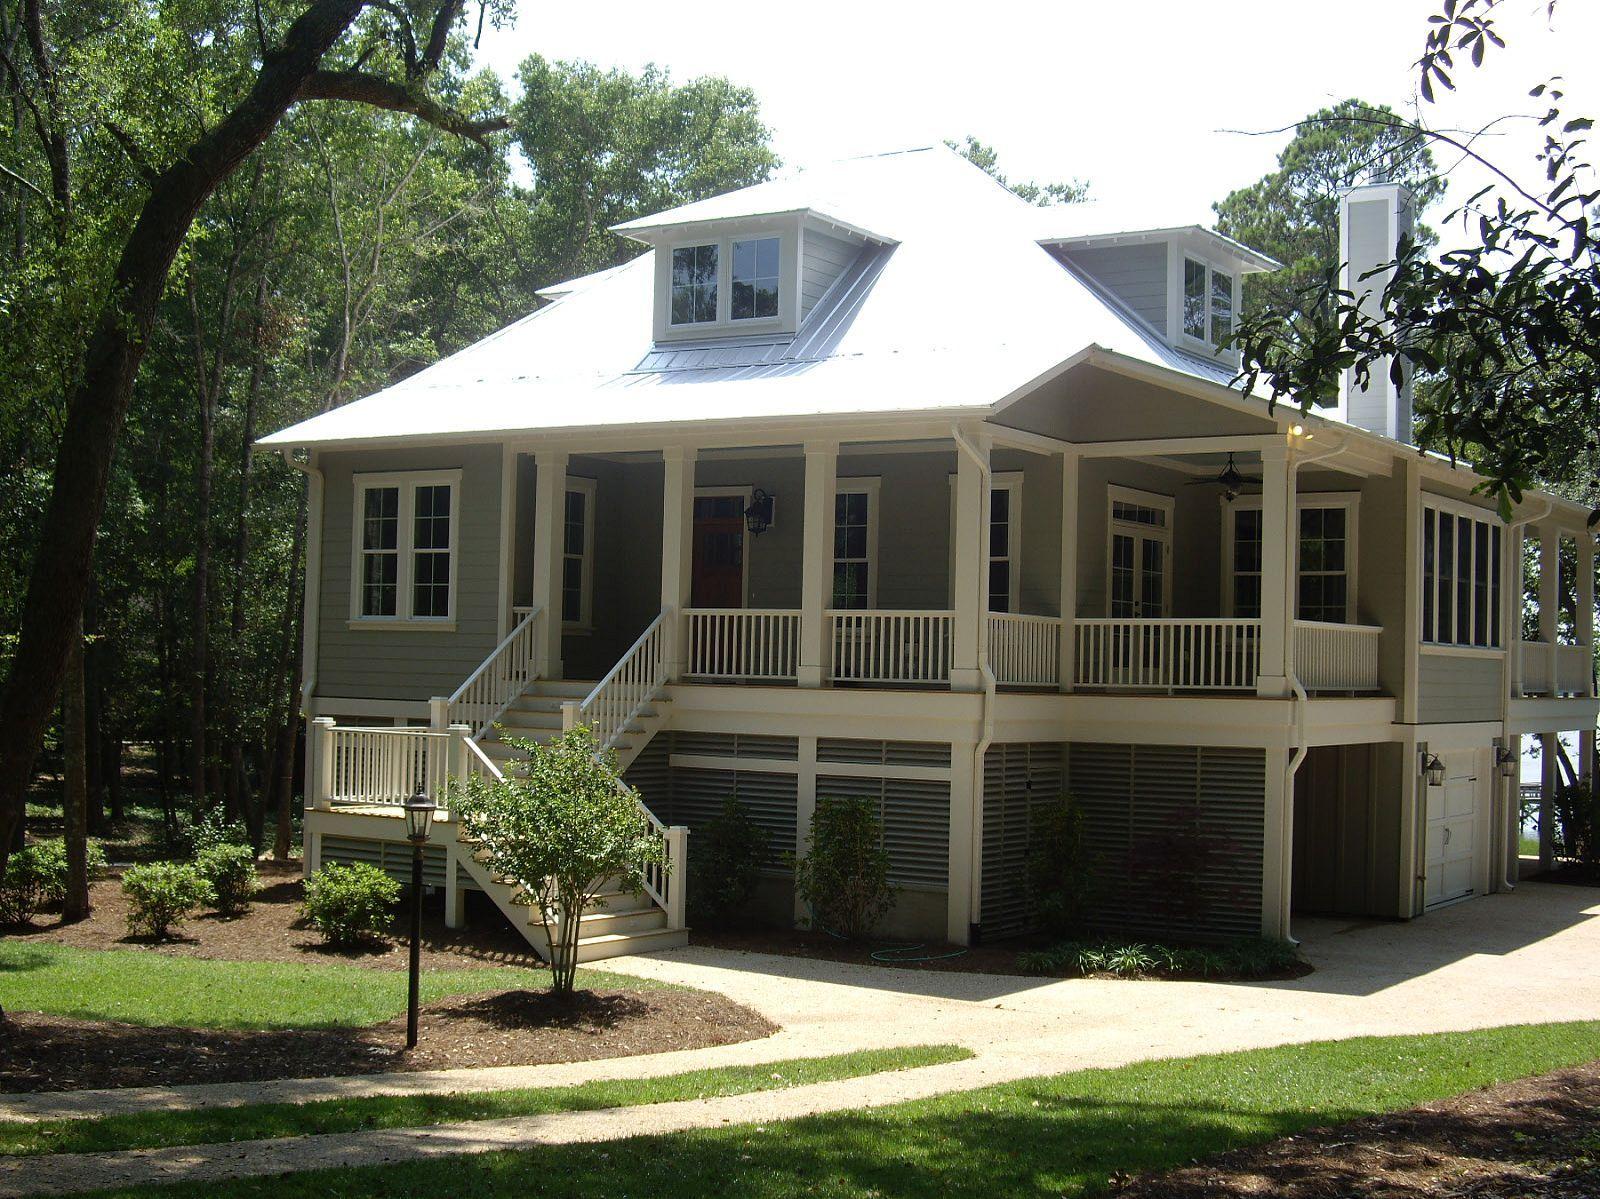 The St. Helena AllisonRamseyArchitects Architect house